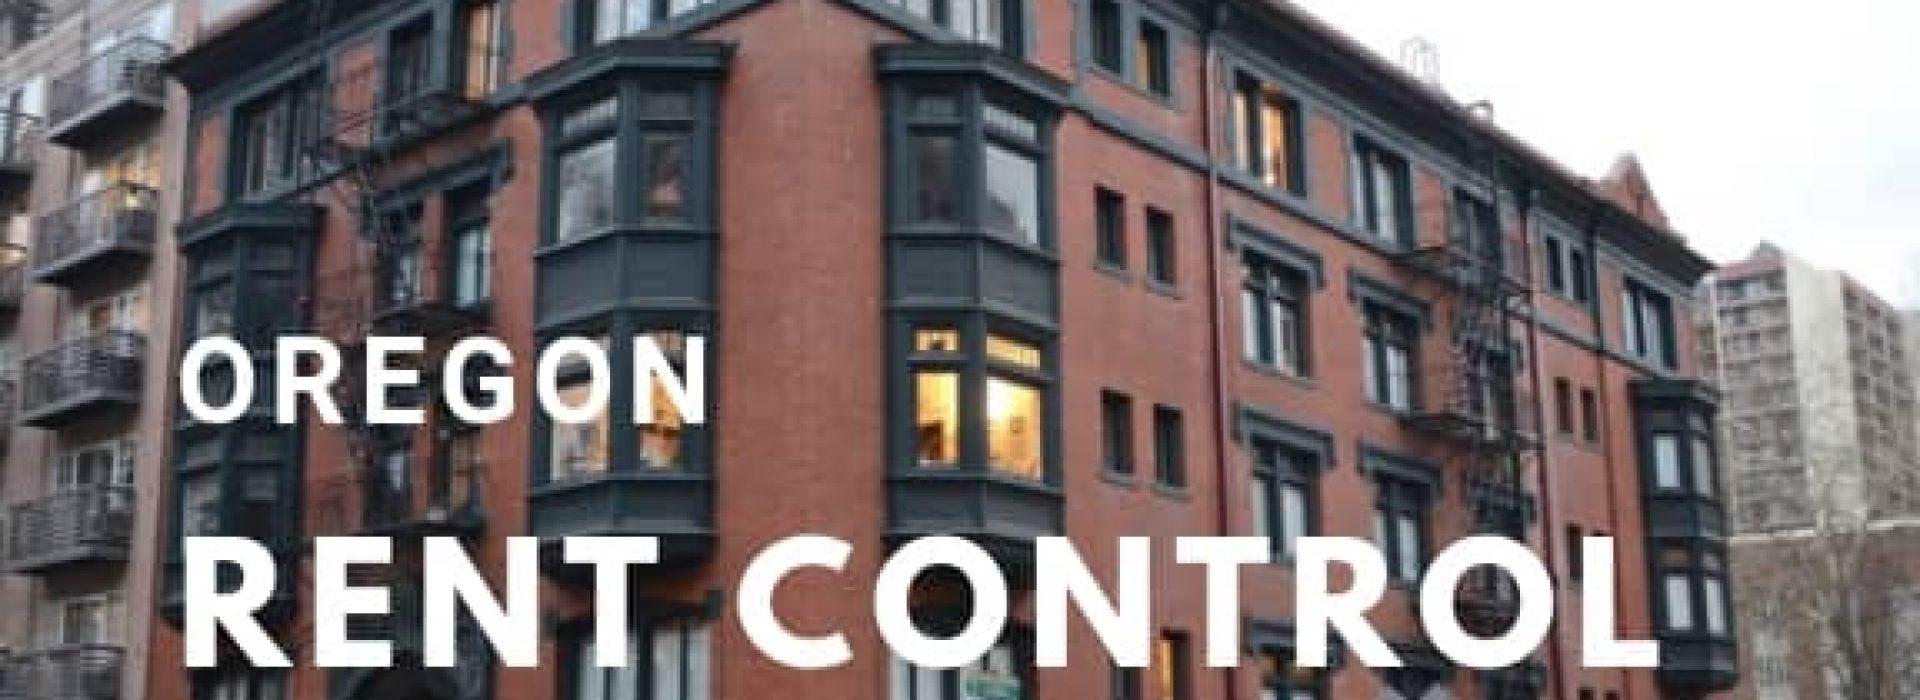 Oregon Rent Control